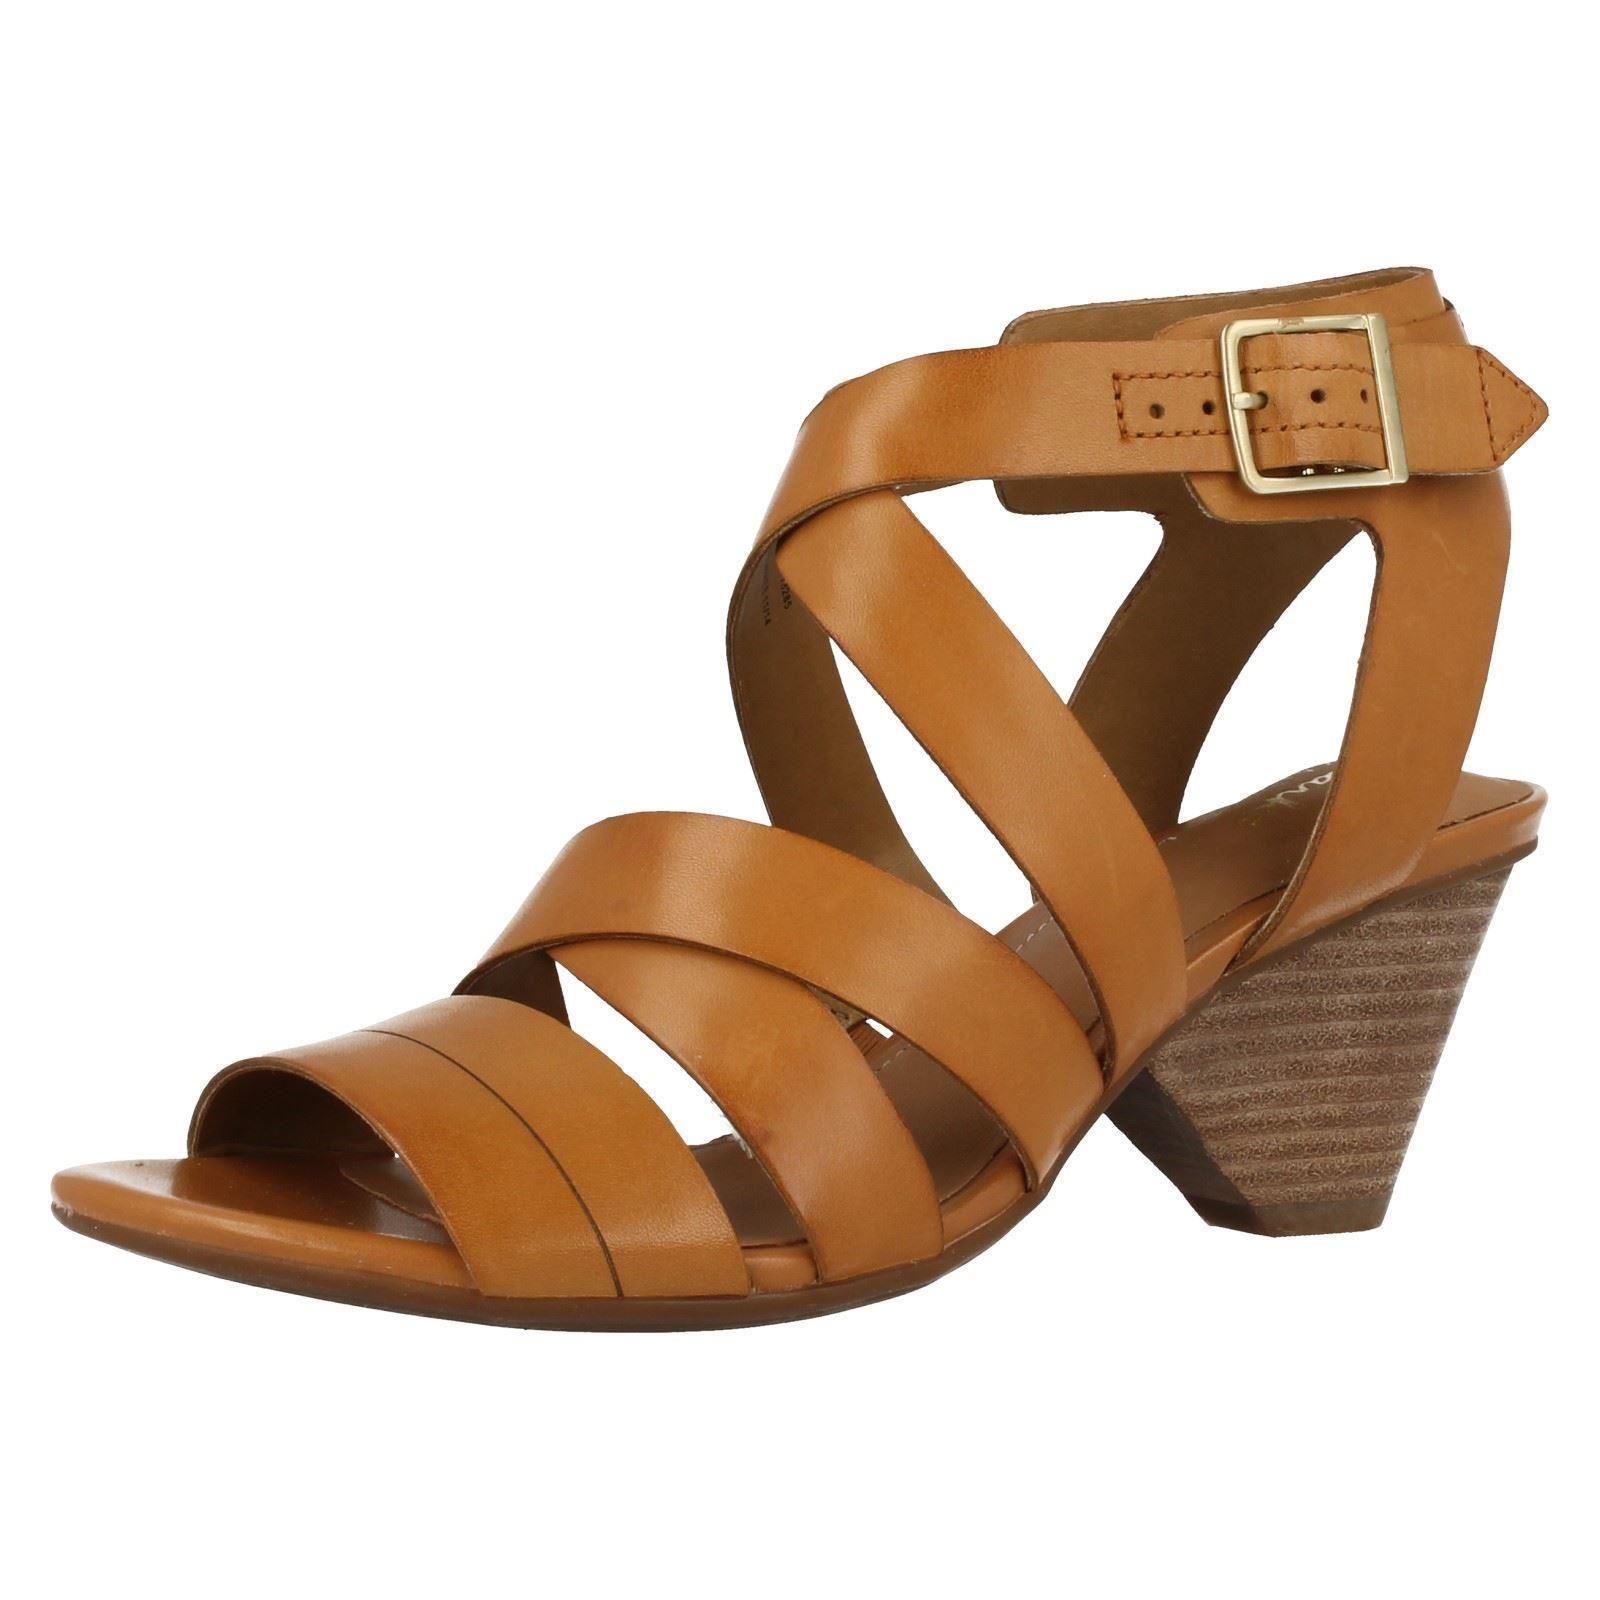 Clarks Ladies Dress Shoes